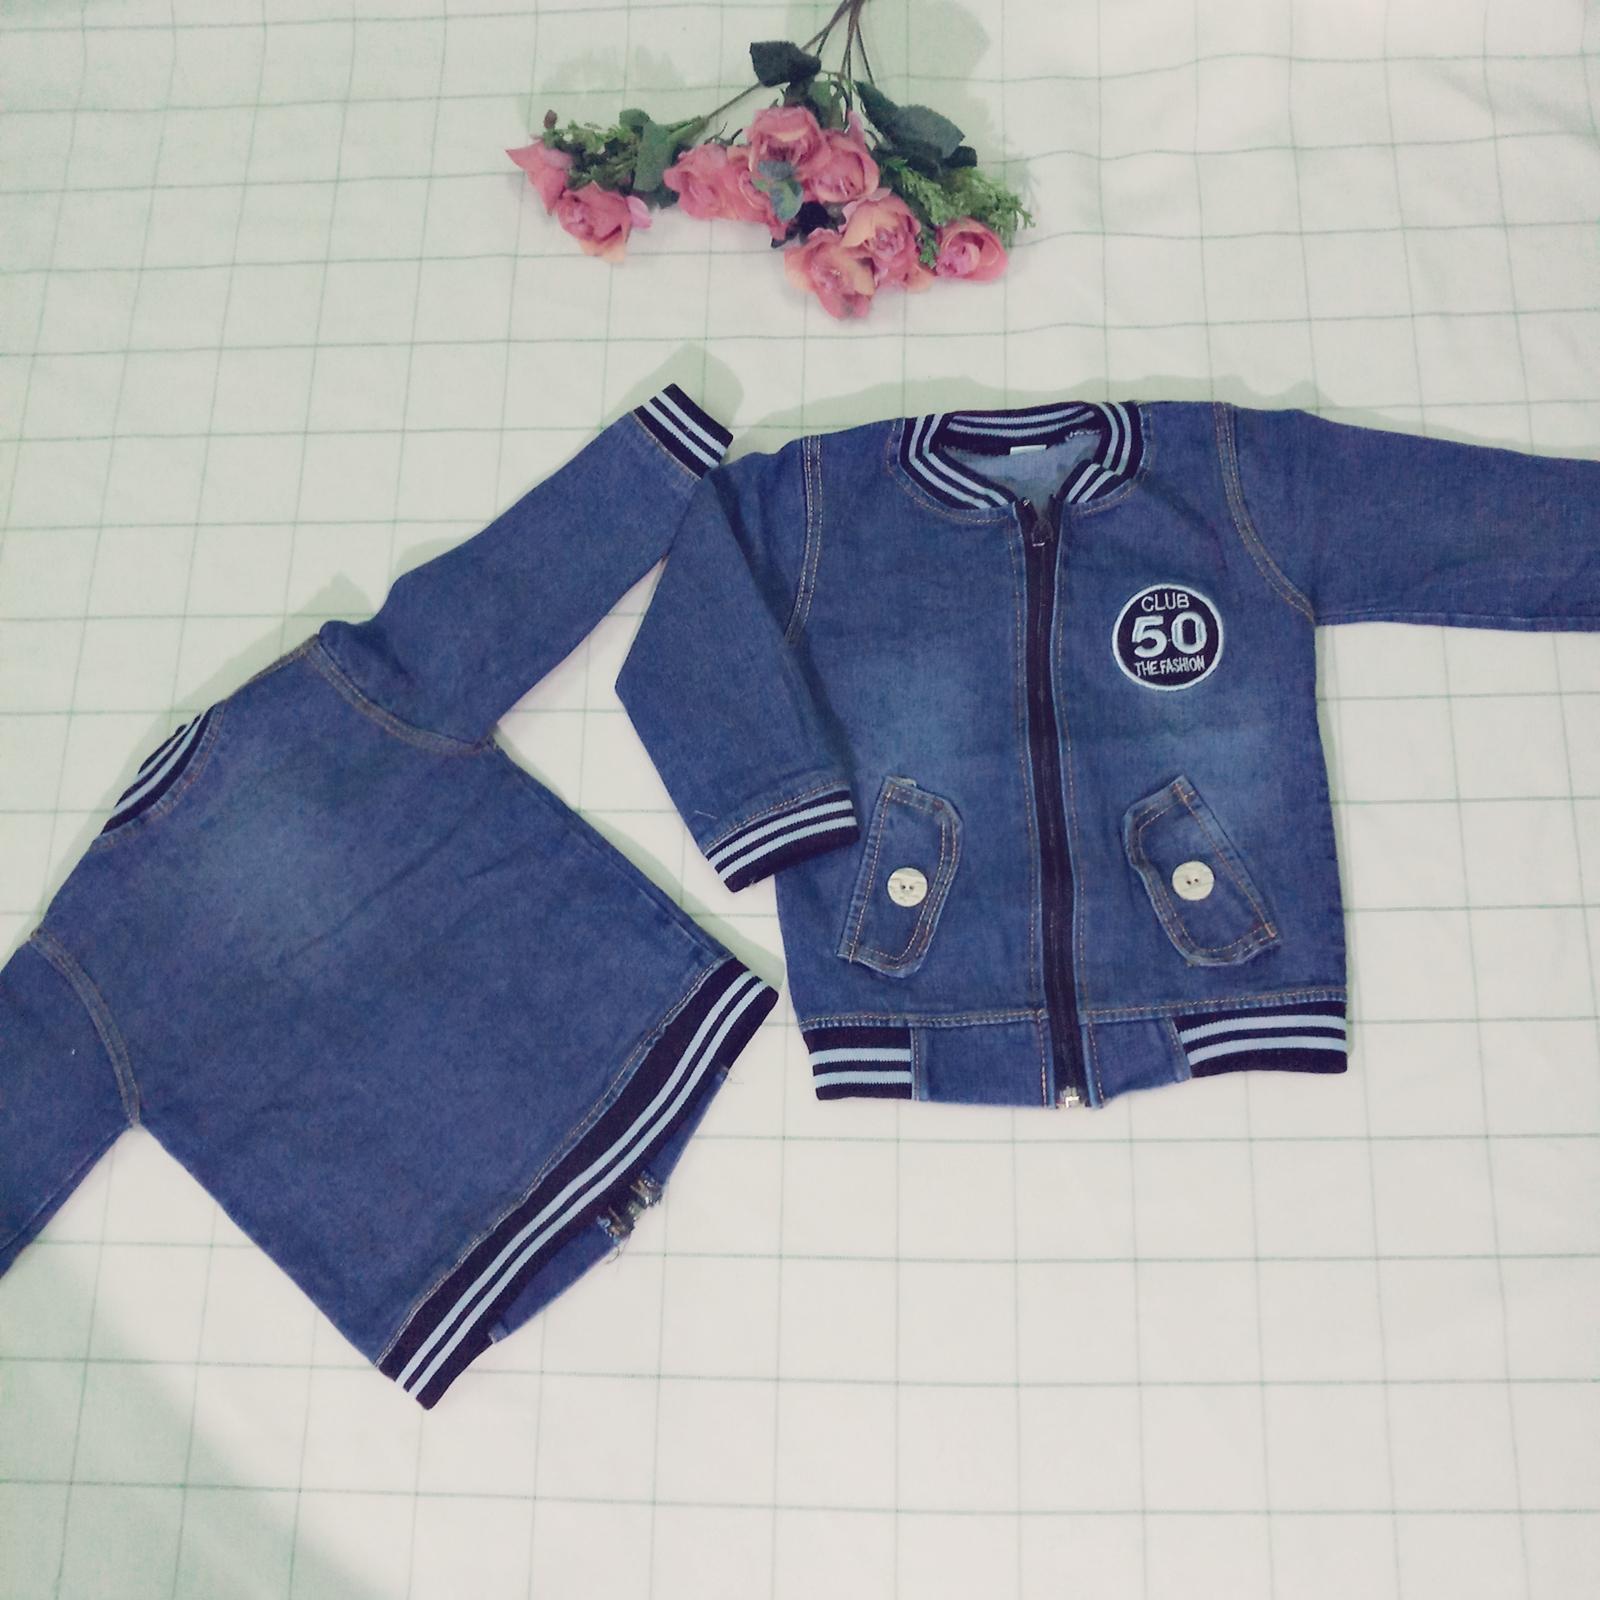 Áo khoác jean bò( Xanh) cho bé trai bé gái từ 1 tuổi đến 9 tuổi cân nặng từ 8kg đến 30kg